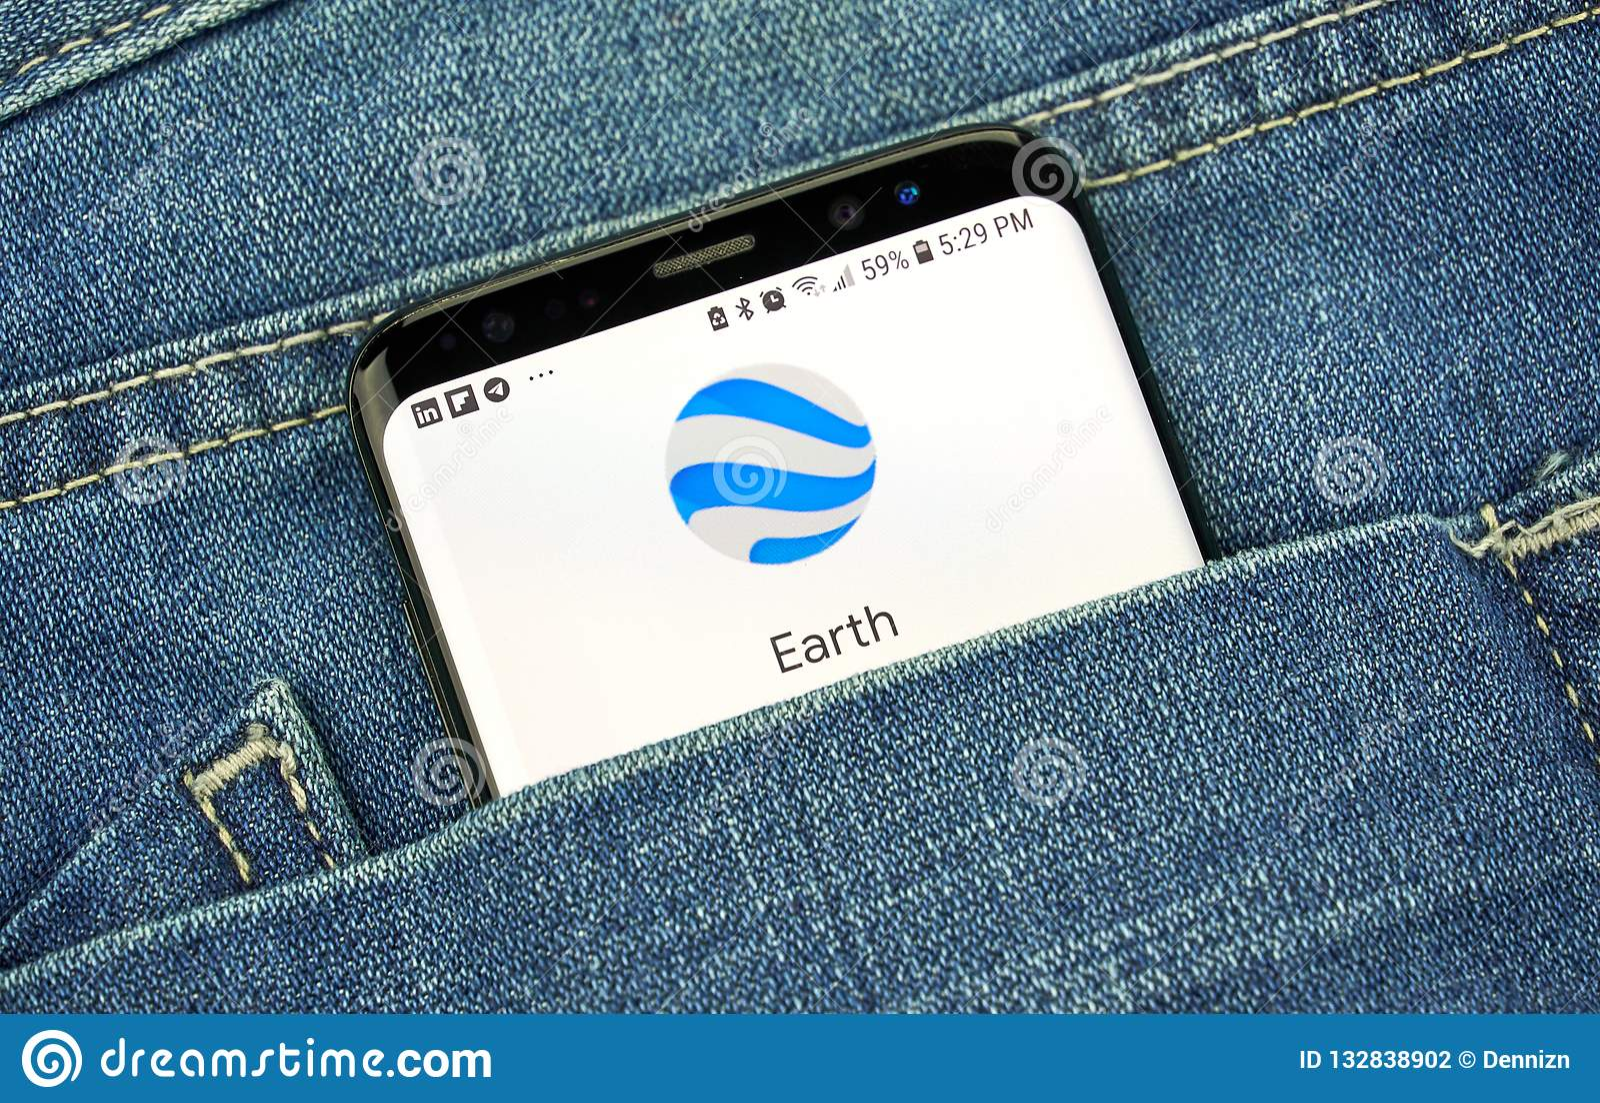 Google Earth sur un écran de téléphone dans une poche